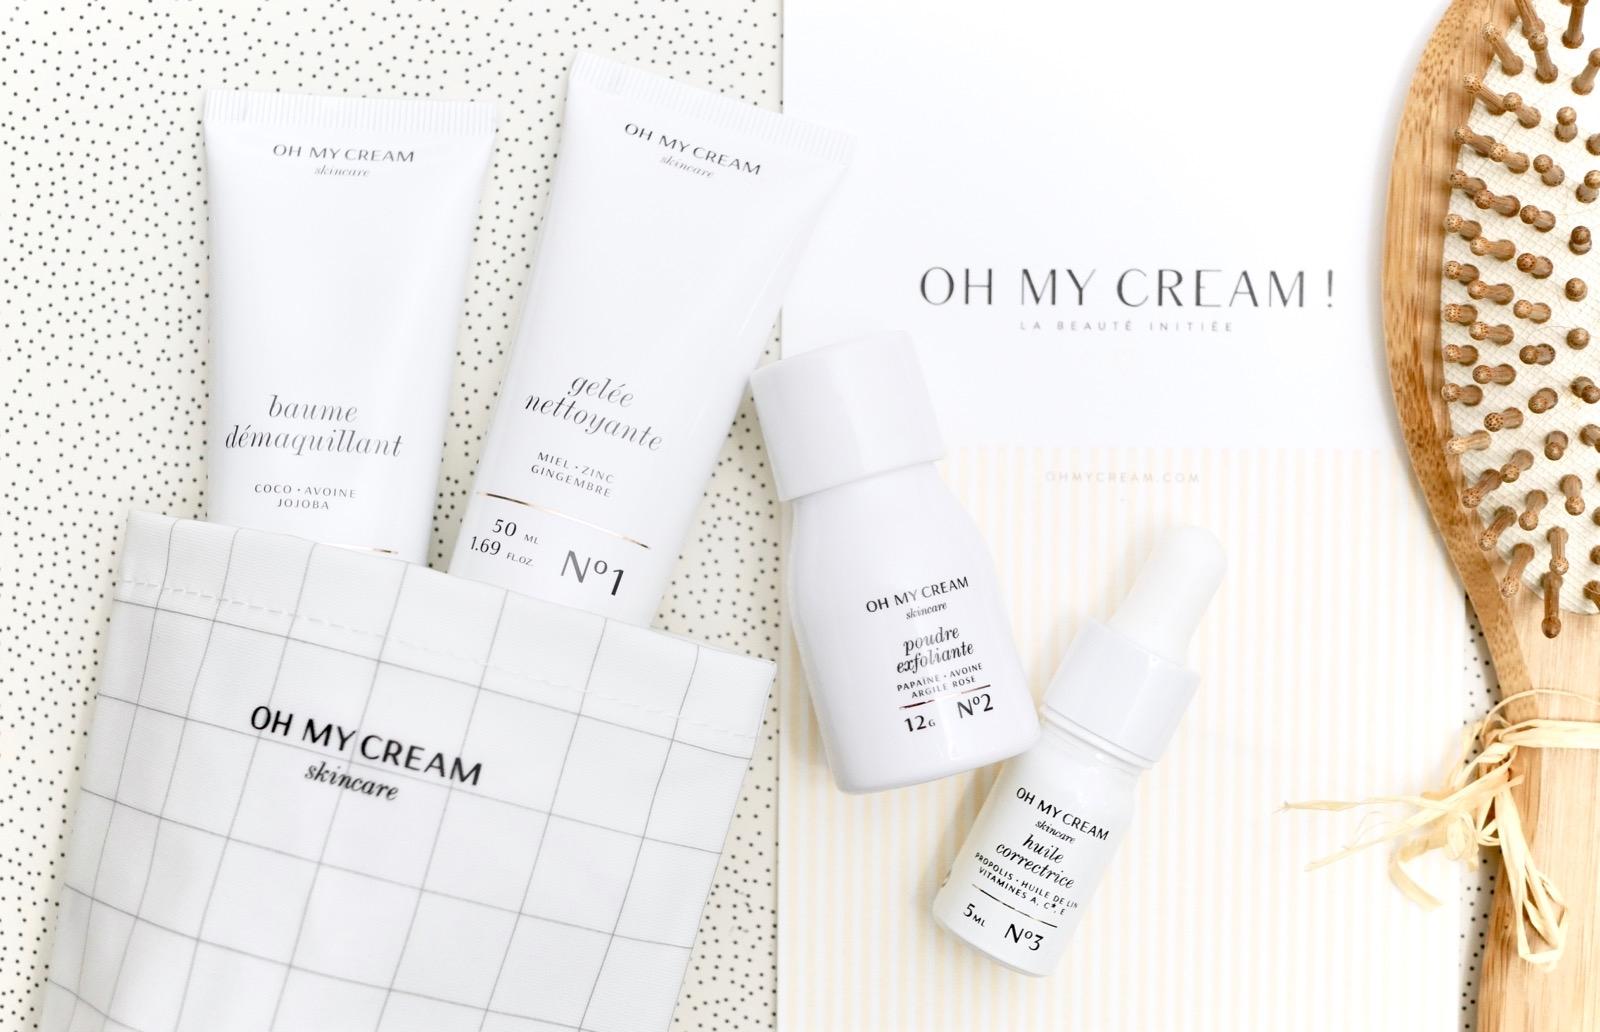 Oh My Cream Skin Care Contenu